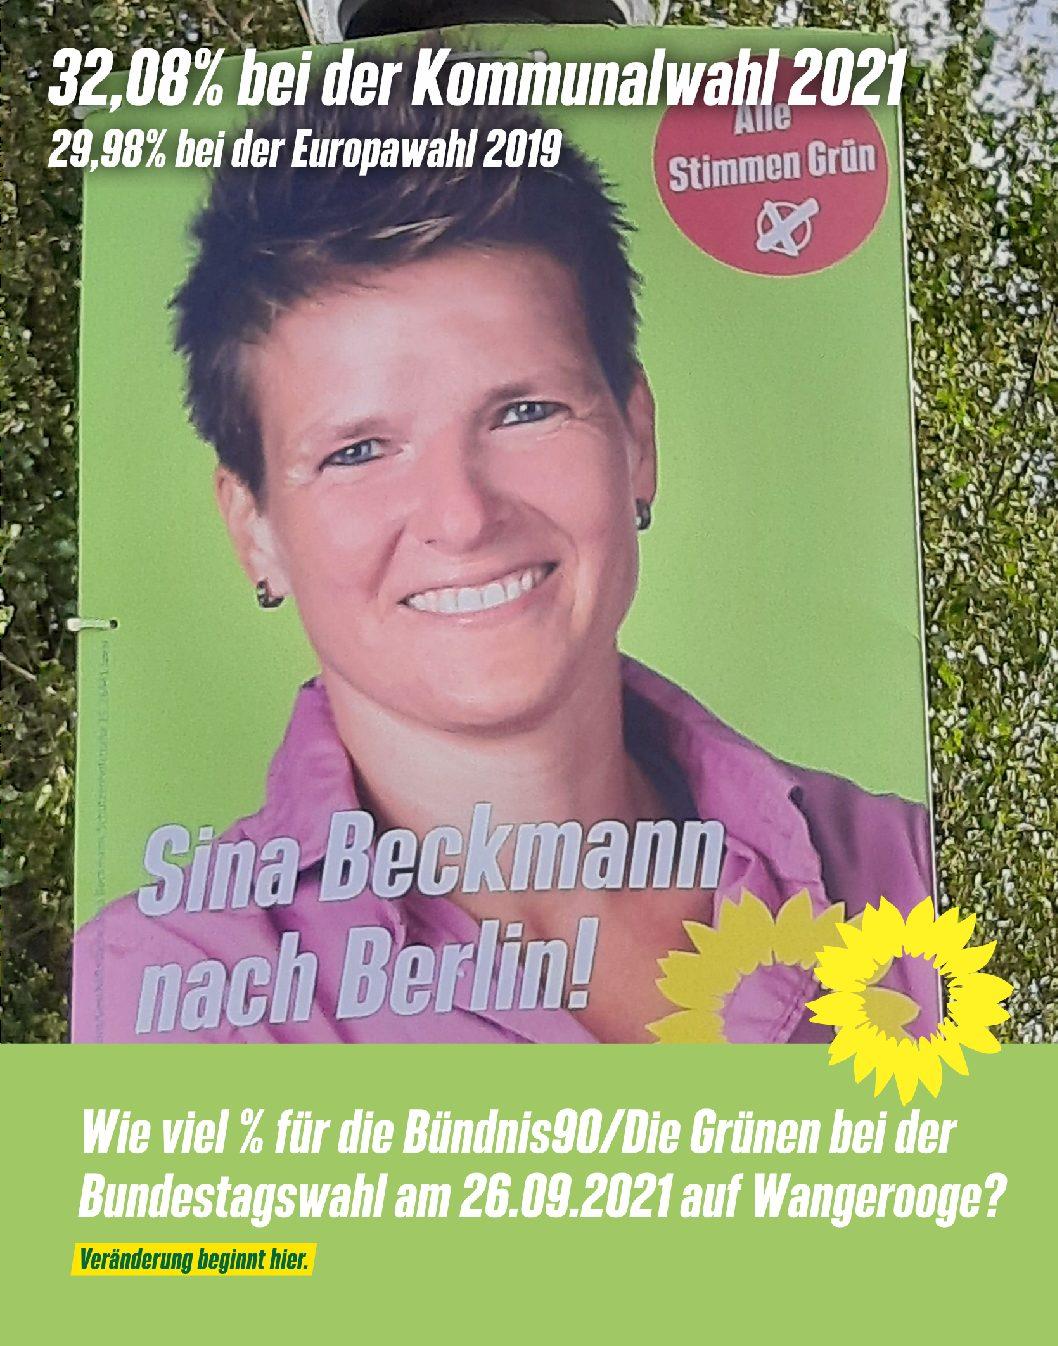 19.09.2021 Die Grünen Wangerooger – Sina Beckmann Bündnis90/Die Grünen in den Bundestag